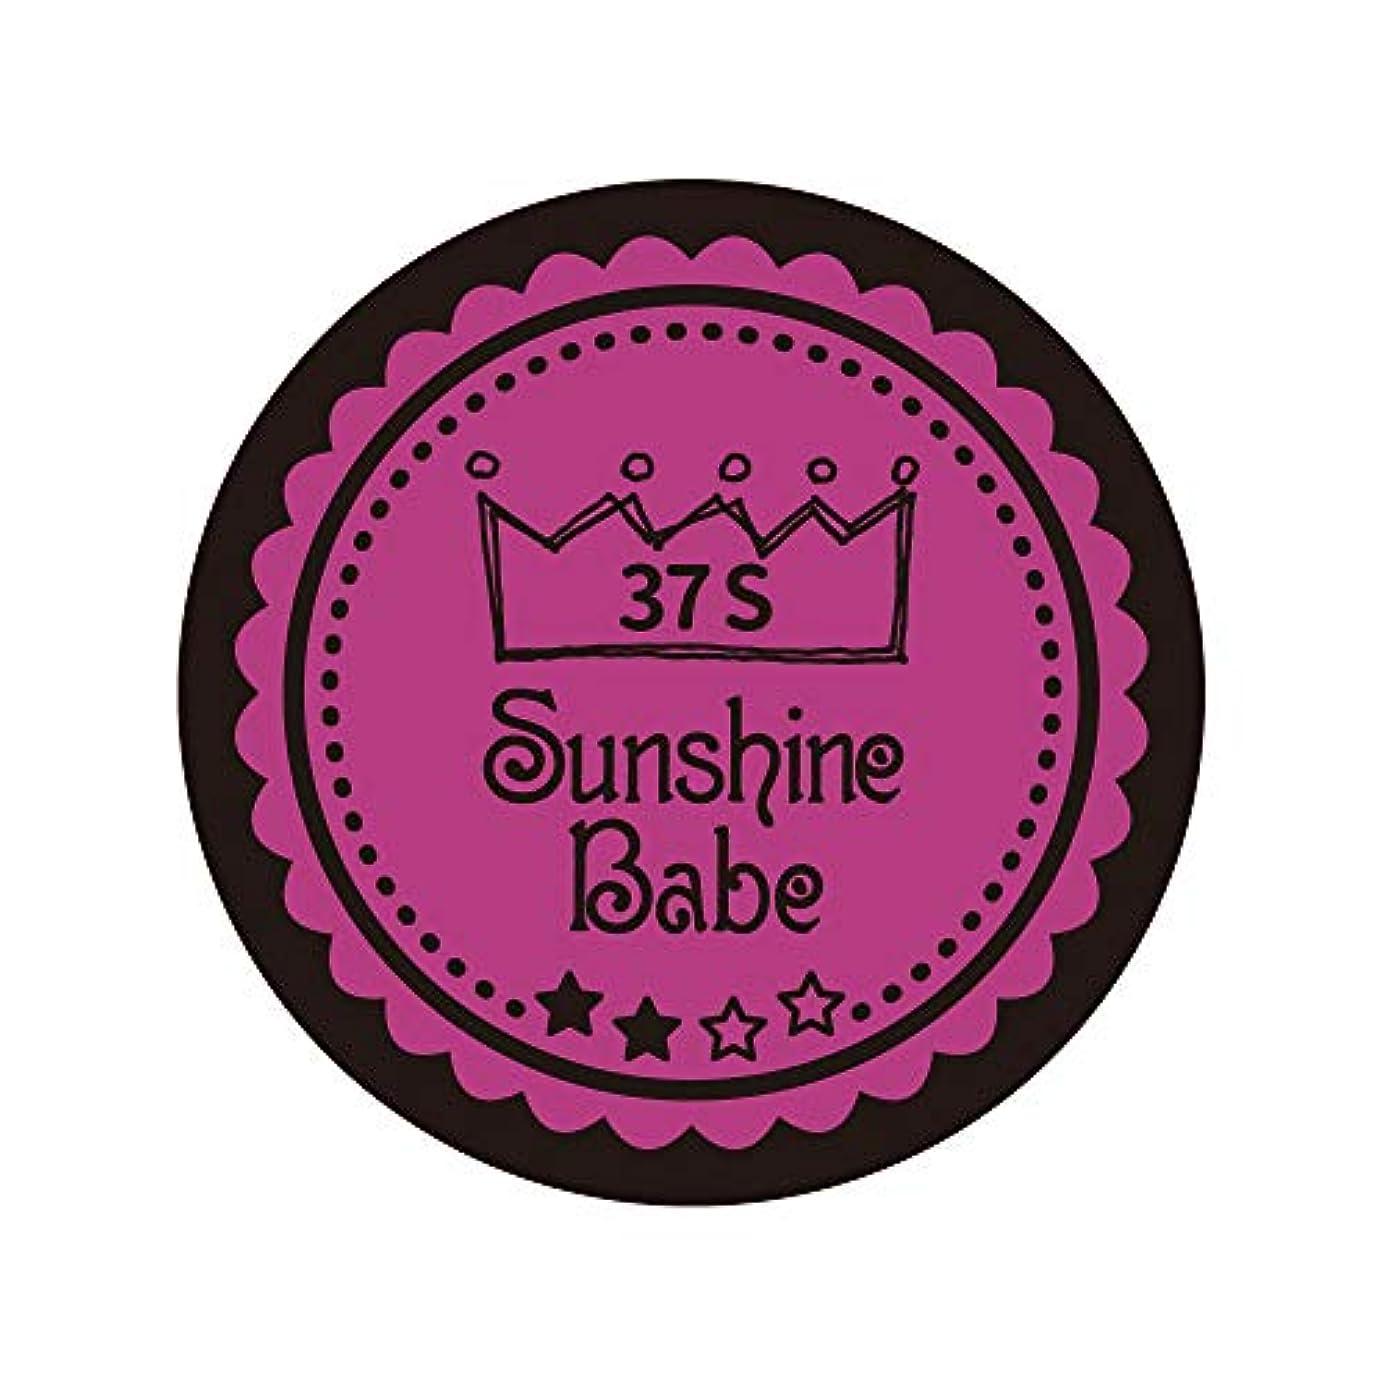 粘土鼻楽観的Sunshine Babe カラージェル 37S フューシャピンク 2.7g UV/LED対応